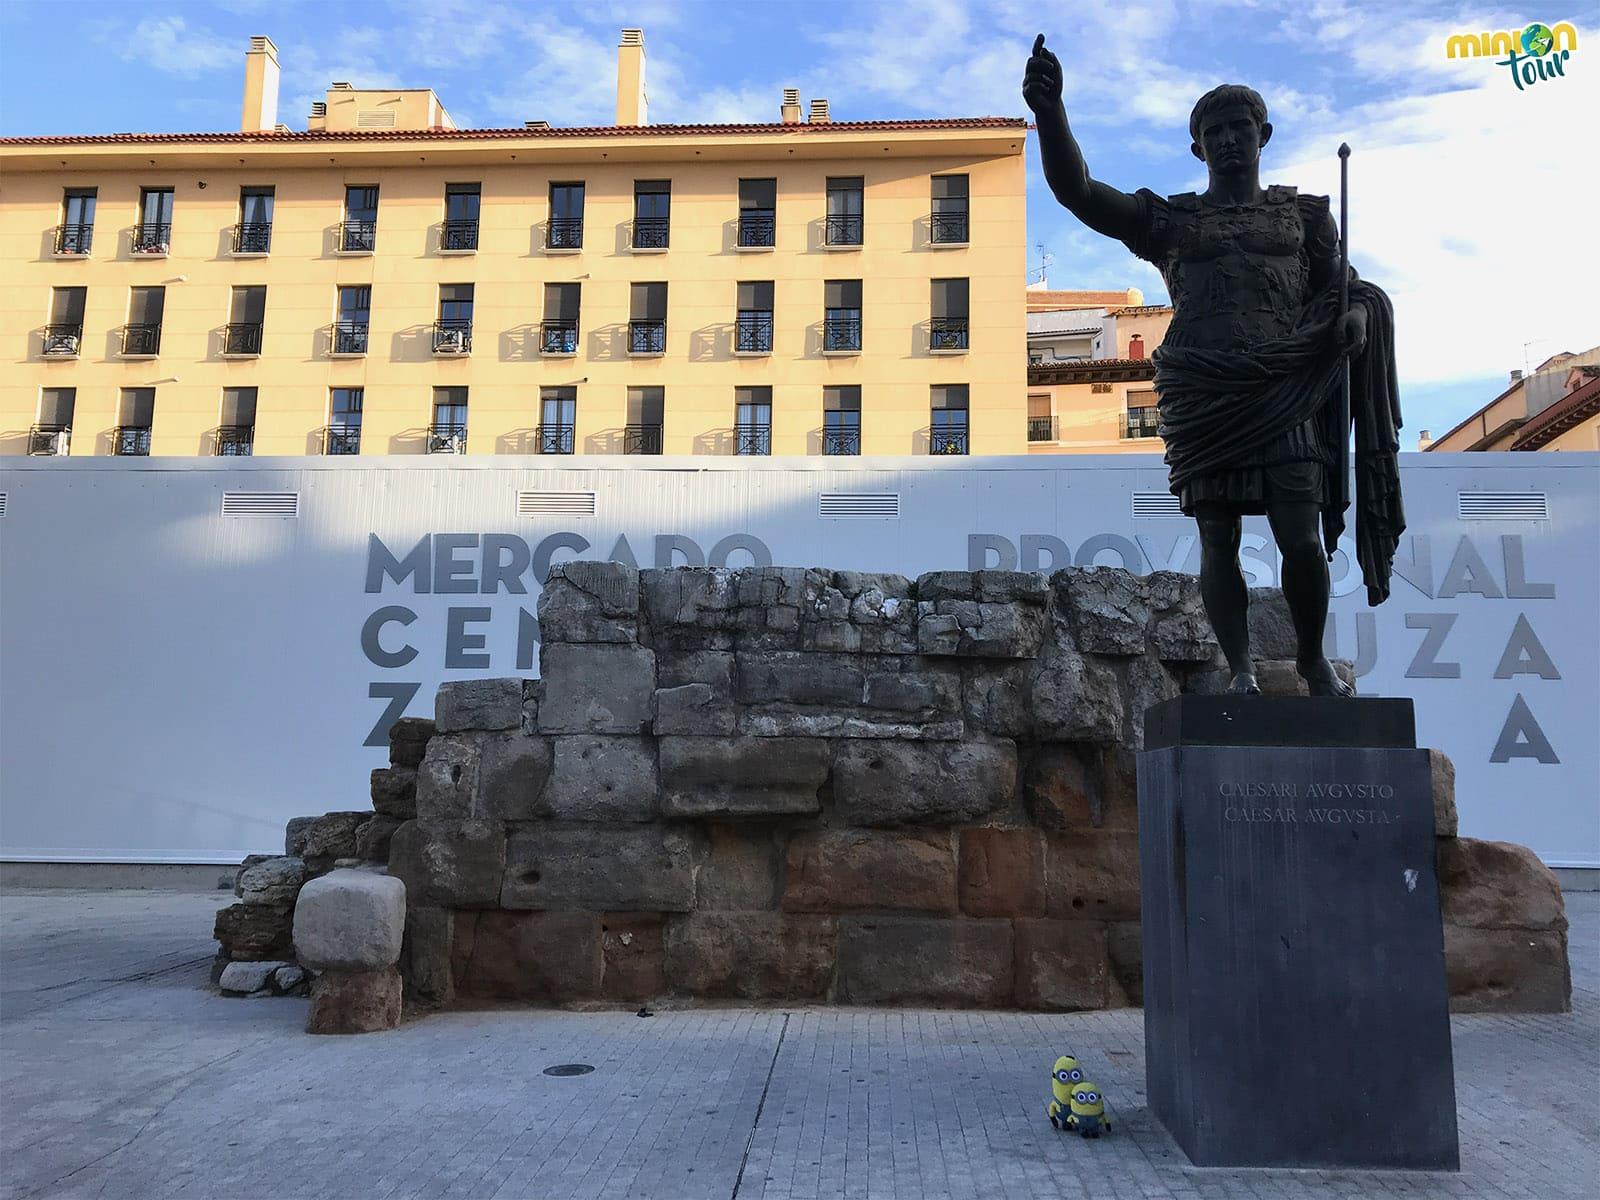 La muralla de Zaragoza, una de las cosas que tienes que ver en Zaragoza